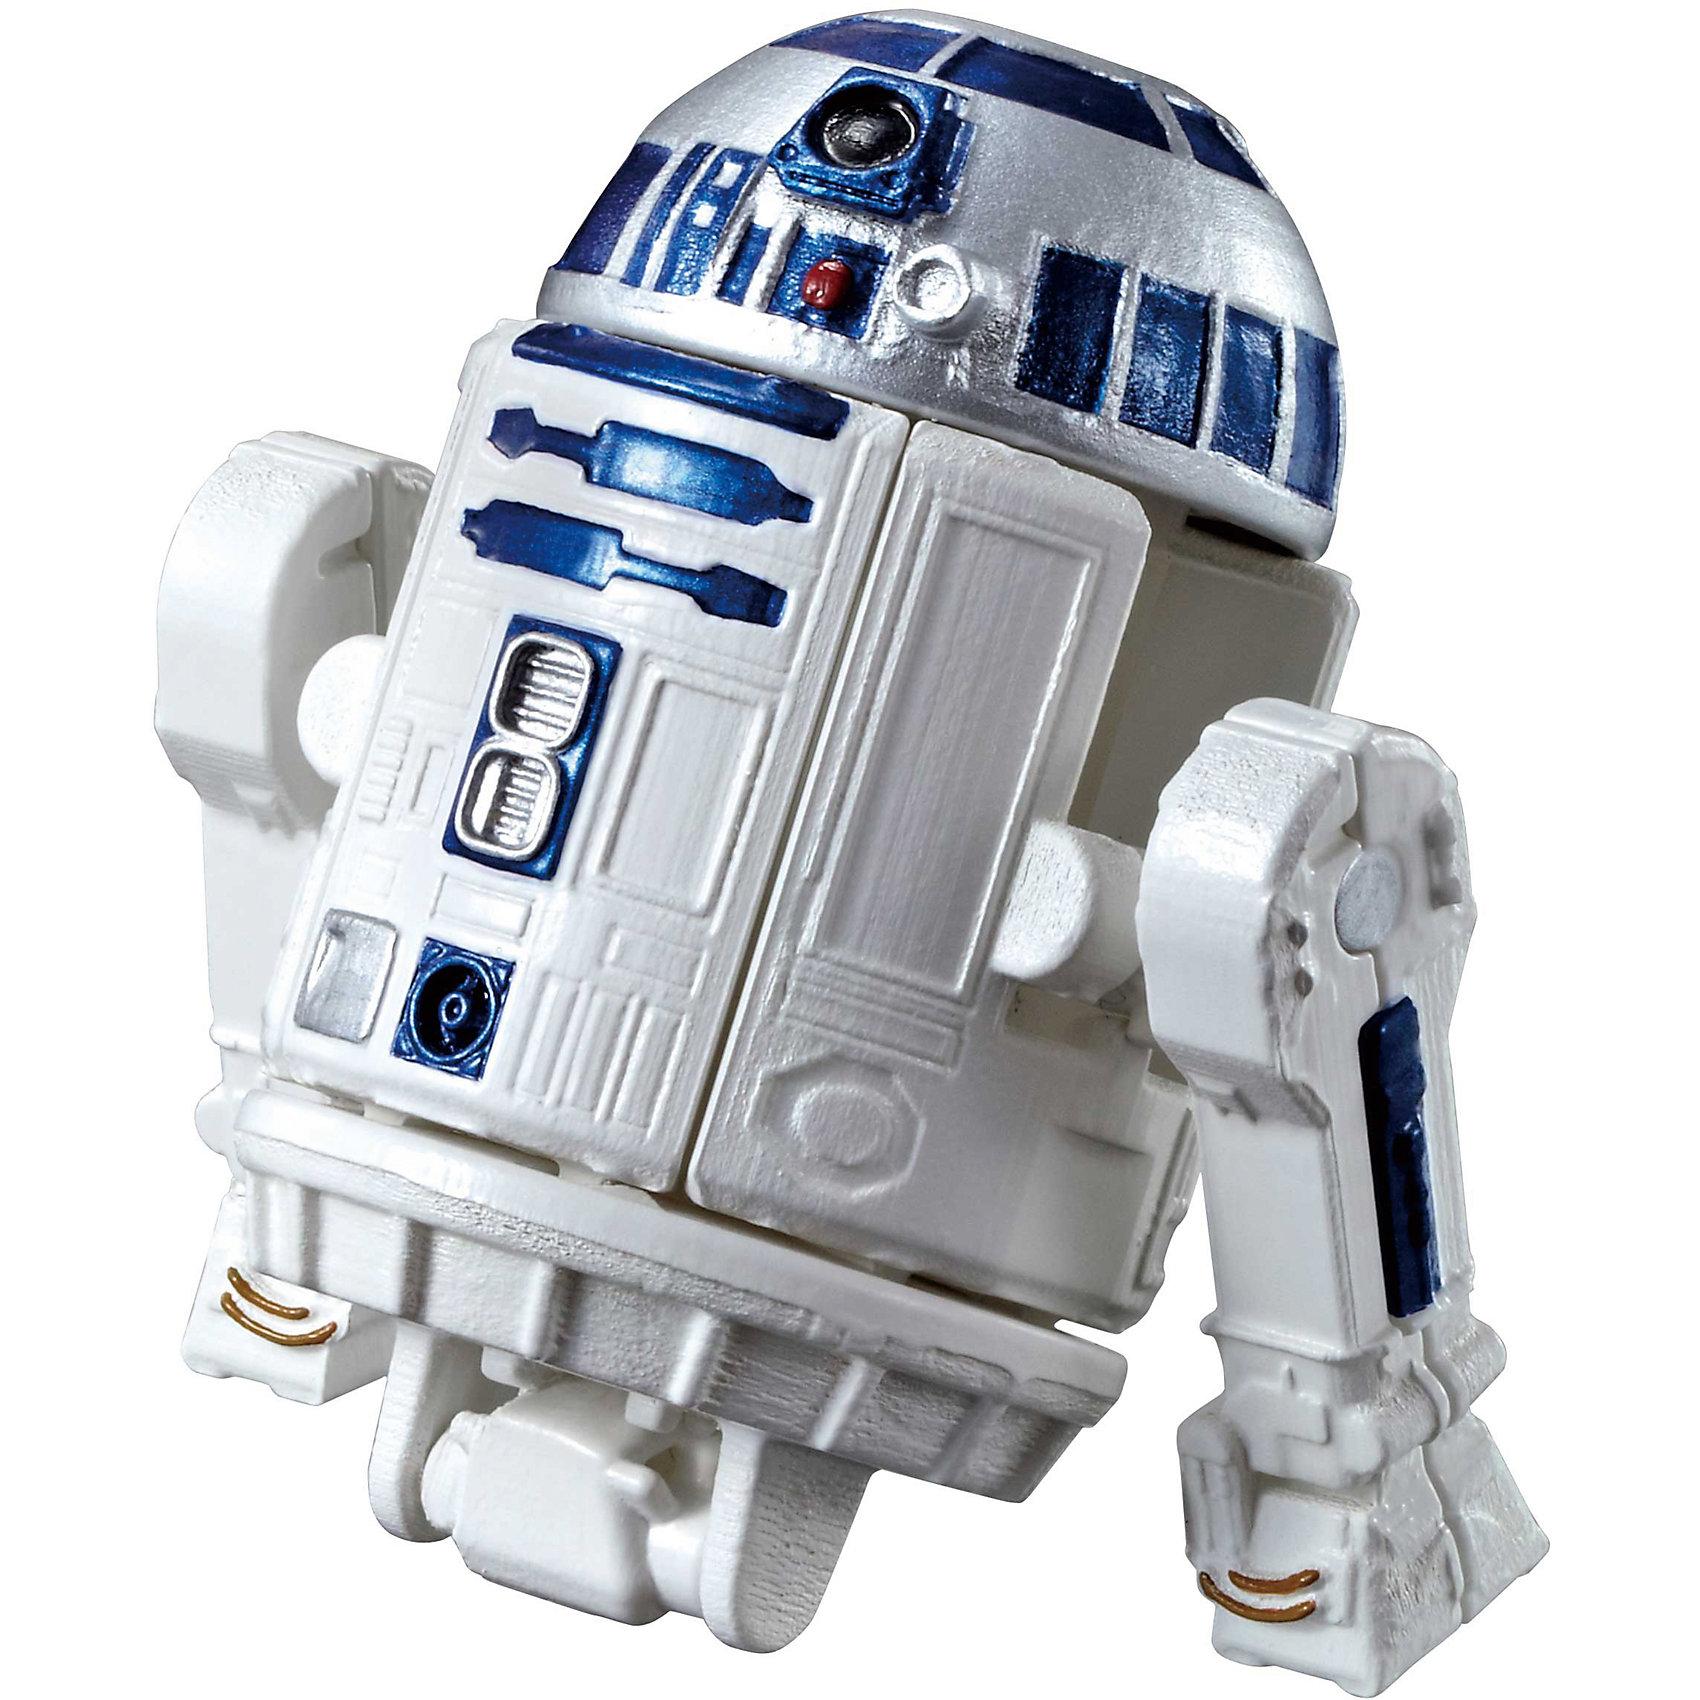 Яйцо-трансформер R2-D2, Звездные войныКоллекционные и игровые фигурки<br>Яйцо-трансформер R2-D2, Звездные войны  - оригинальная игрушка, которая станет приятным сюрпризом для всех поклонников знаменитой киноэпопеи Звездные войны (Star Wars). В наборе Вы найдете необычное яйцо, которое при помощи нескольких движений превращается в фигурку одного из популярных персонажей фильма - забавного робота-дроида R2-D2. Фигурка изготовлена из высококачественного белого пластика с характерными синими элементами, прекрасно детализирована, у нее вращающийся купол-голова и подвижные опоры-руки. В серии яиц-трансформеров от фирмы Bandai представлена целая галерея популярных персонажей Звездных войн, собранные вместе они составят оригинальную коллекцию.  <br><br>Дополнительная информация:<br><br>- Материал: пластик.<br>- Высота фигурки: 10 см.<br>- Размер упаковки: 12,5 х 17 х 5,5 см.<br>- Вес: 100 гр.<br><br>Яйцо-трансформер R2-D2, Звездные войны, Bandai, можно купить в нашем интернет-магазине.<br><br>Ширина мм: 125<br>Глубина мм: 170<br>Высота мм: 55<br>Вес г: 88<br>Возраст от месяцев: 60<br>Возраст до месяцев: 192<br>Пол: Мужской<br>Возраст: Детский<br>SKU: 4302523